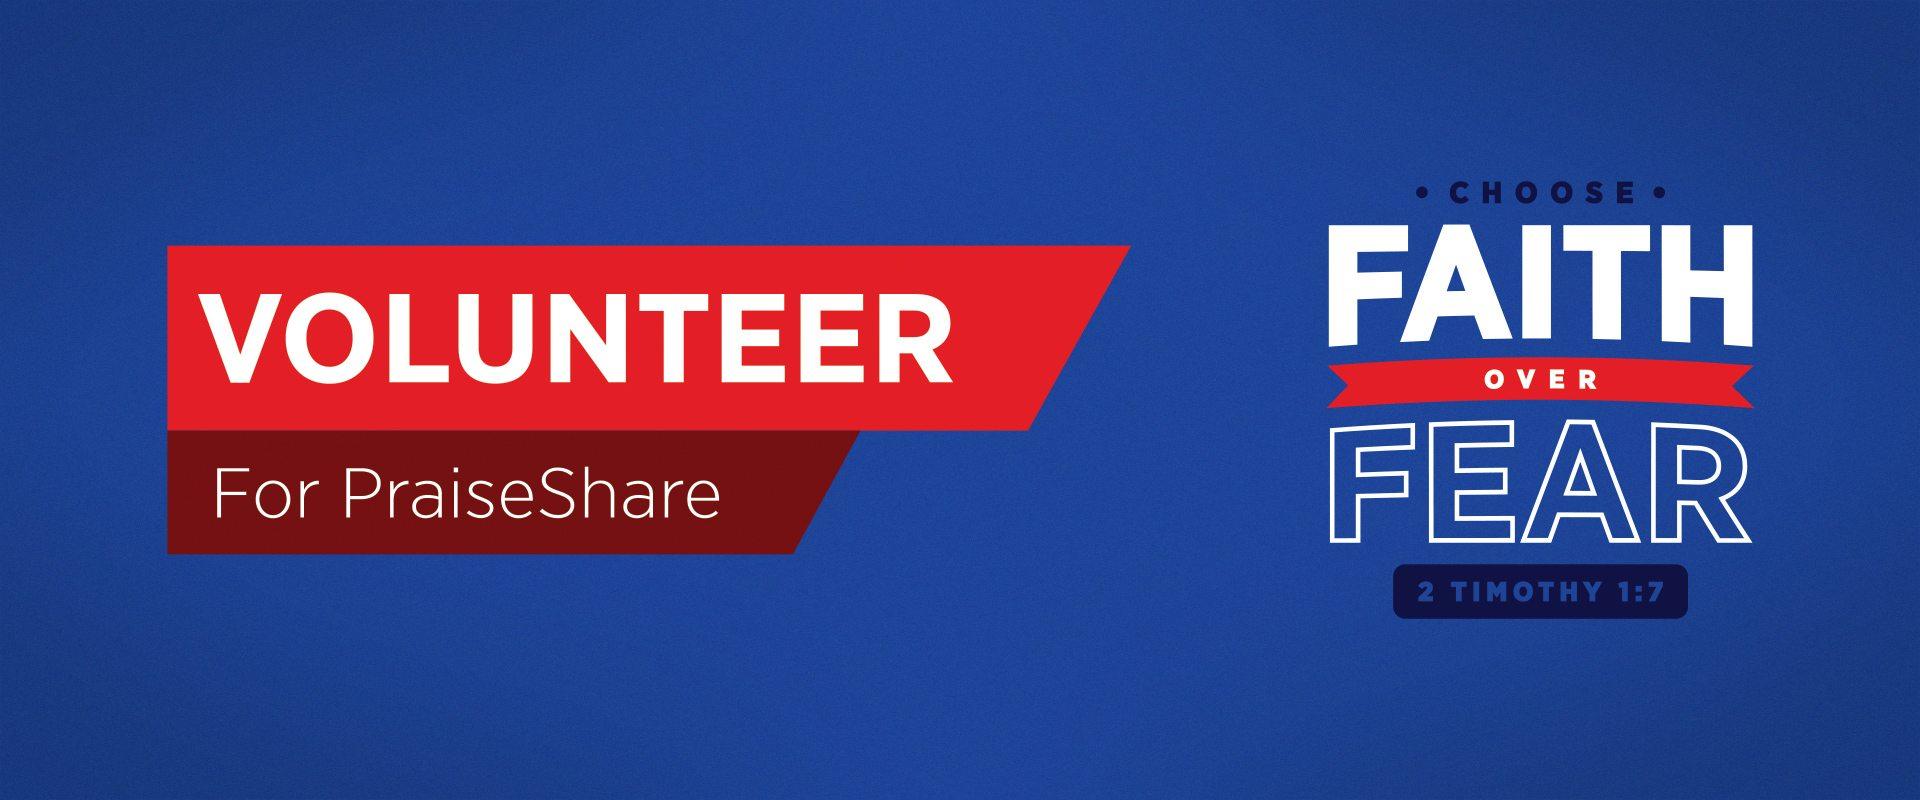 2016 Volunteer for PraiseShare Fall